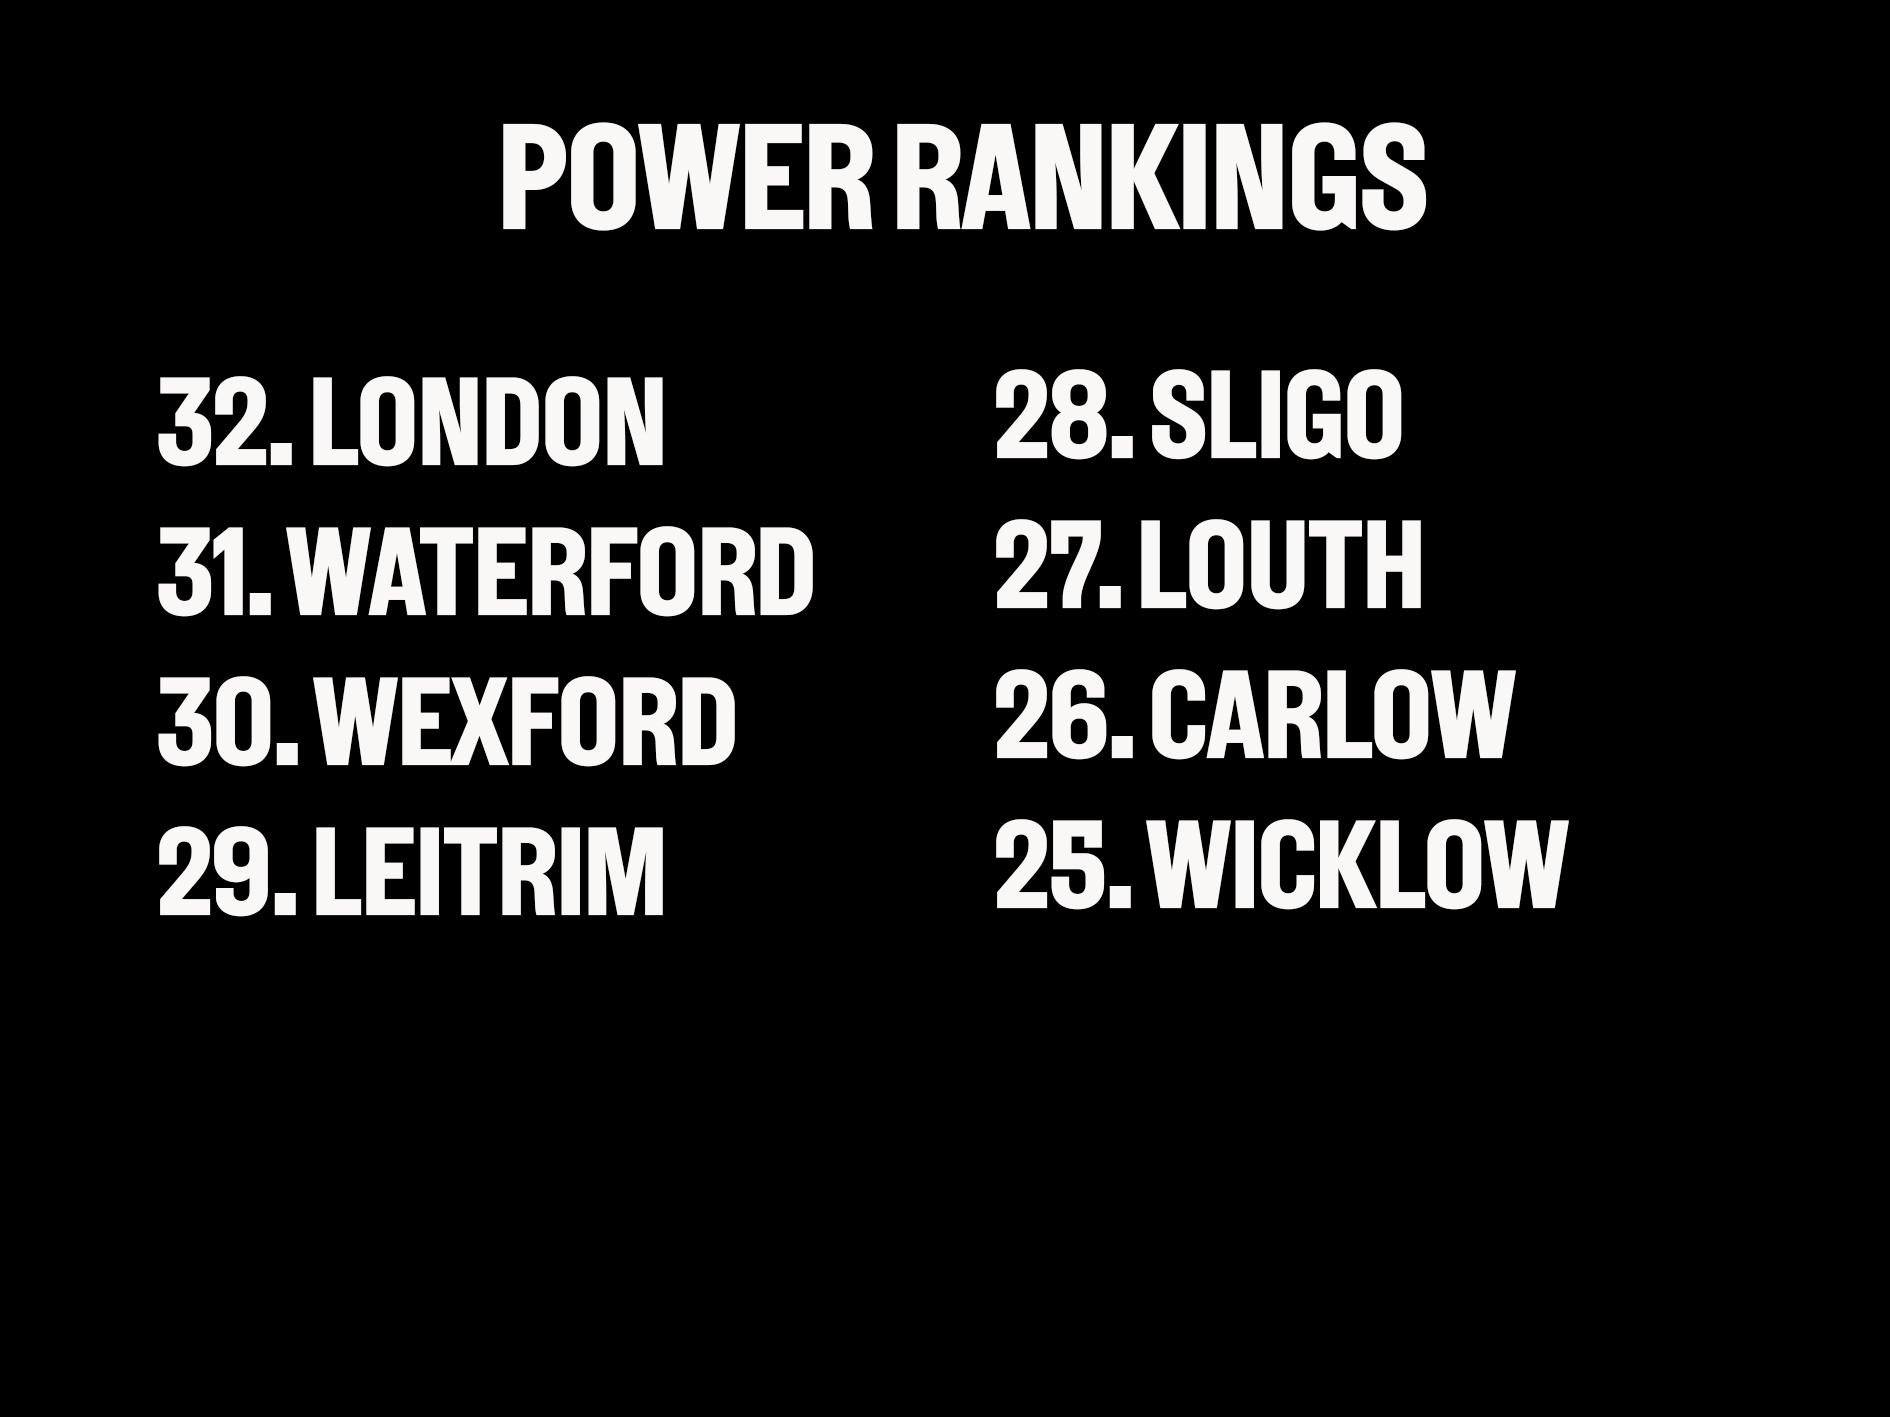 Power Rankings